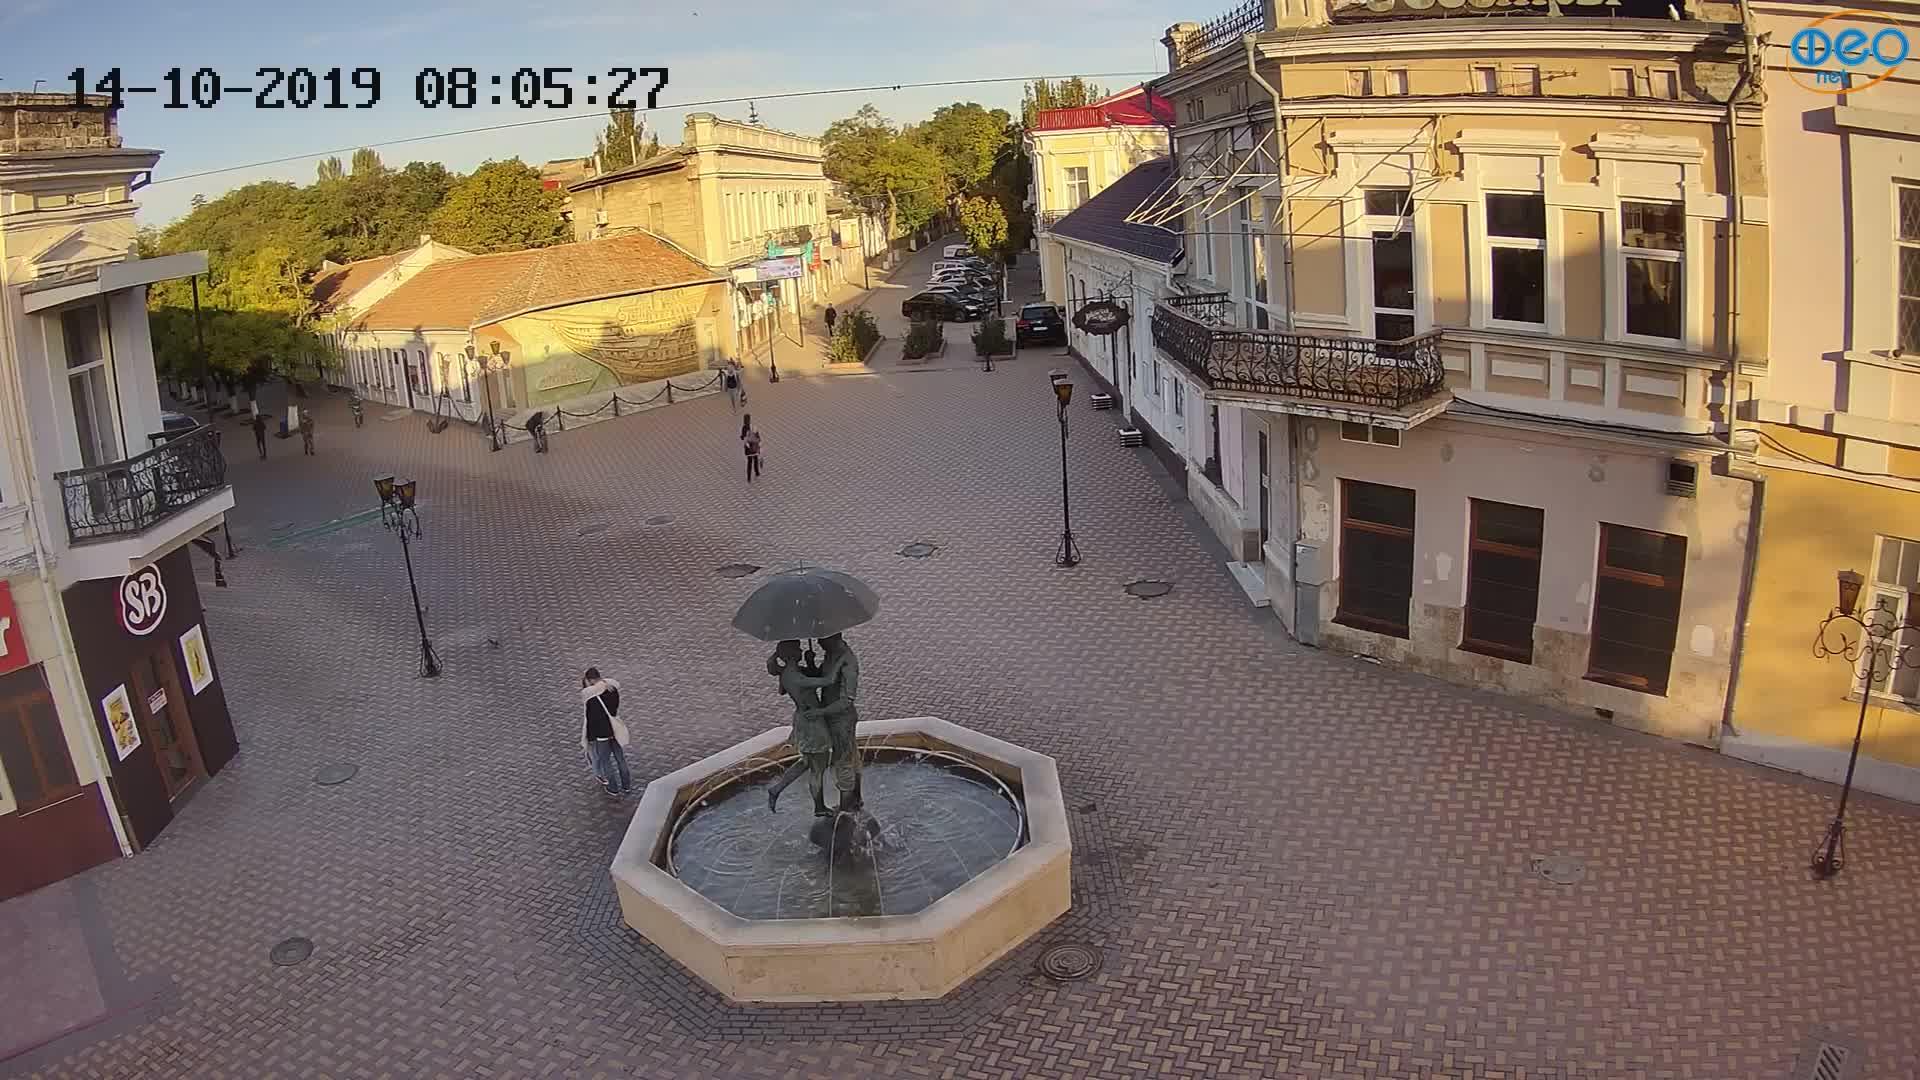 Веб-камеры Феодосии, Панно Бригантина (Камера со звуком.), 2019-10-14 08:23:06